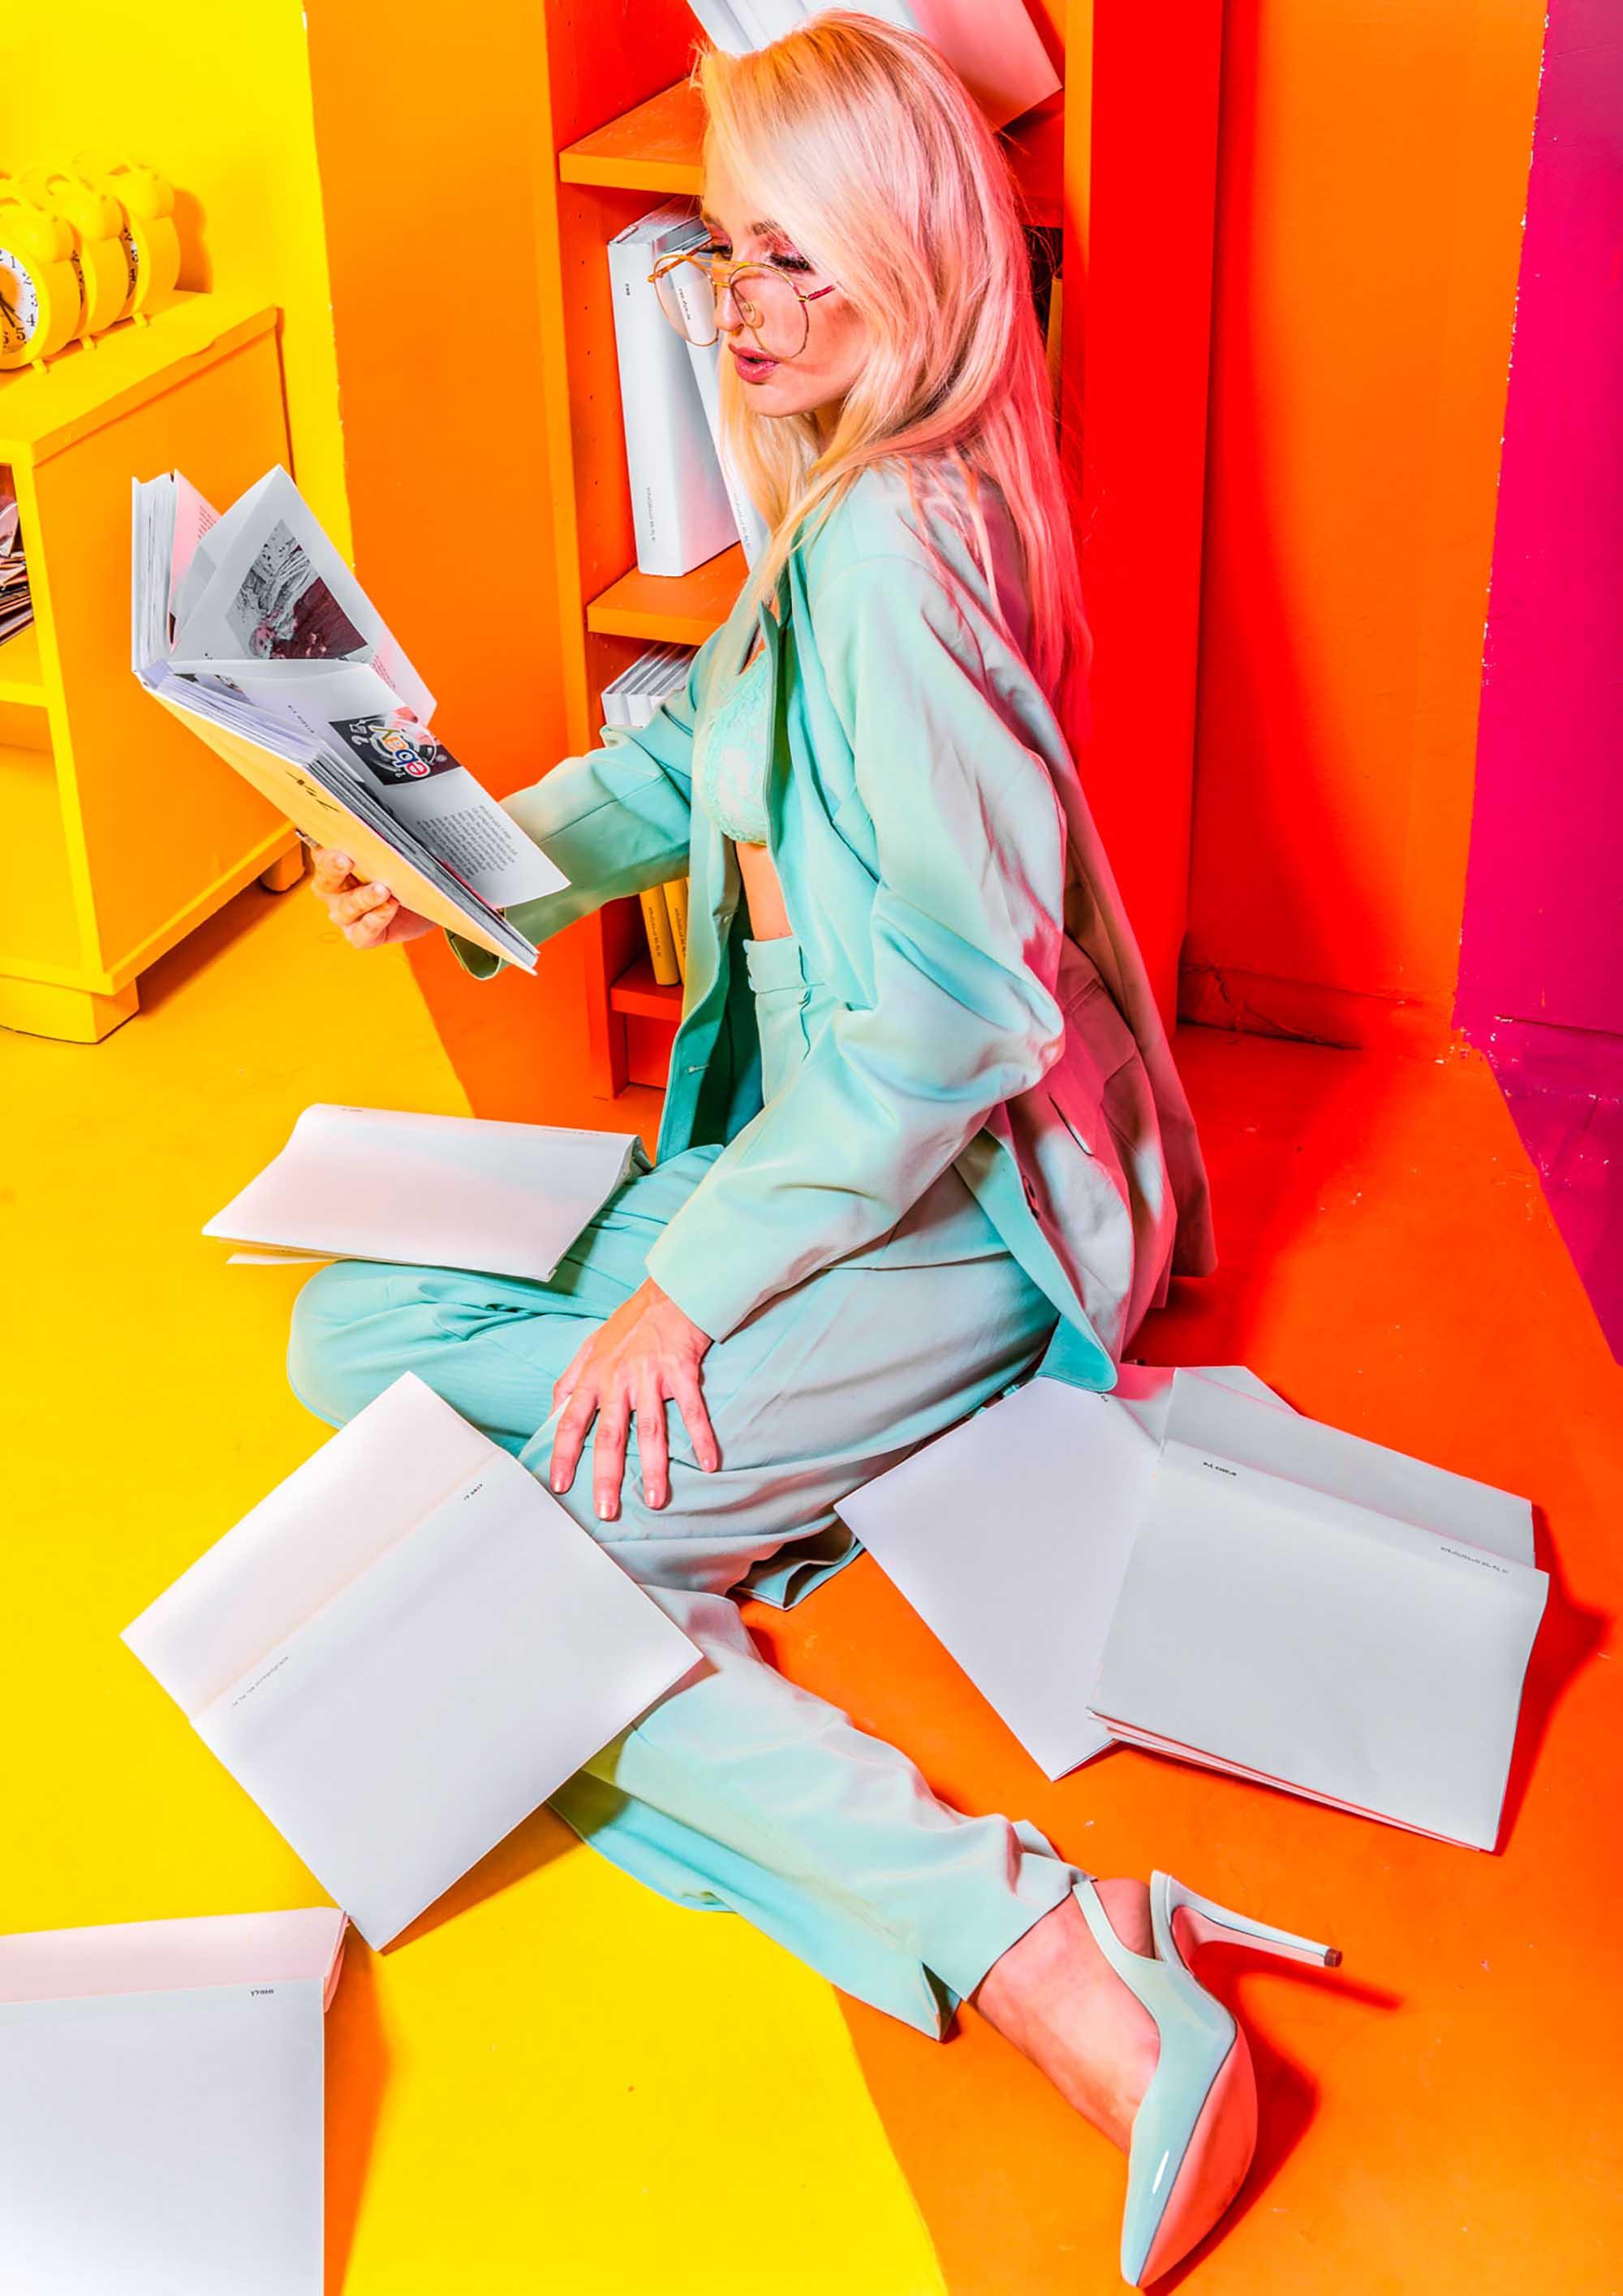 צלם דניס גרצקיס, סטיילינג דניאל צרויה, איפור נינה בלקניה, דוגמנית עינת רוכמן, חליפה: פול אנד בר, נעליים: ספרינג, חזייה: אוסף פרטי, משקפיים: וינטג׳